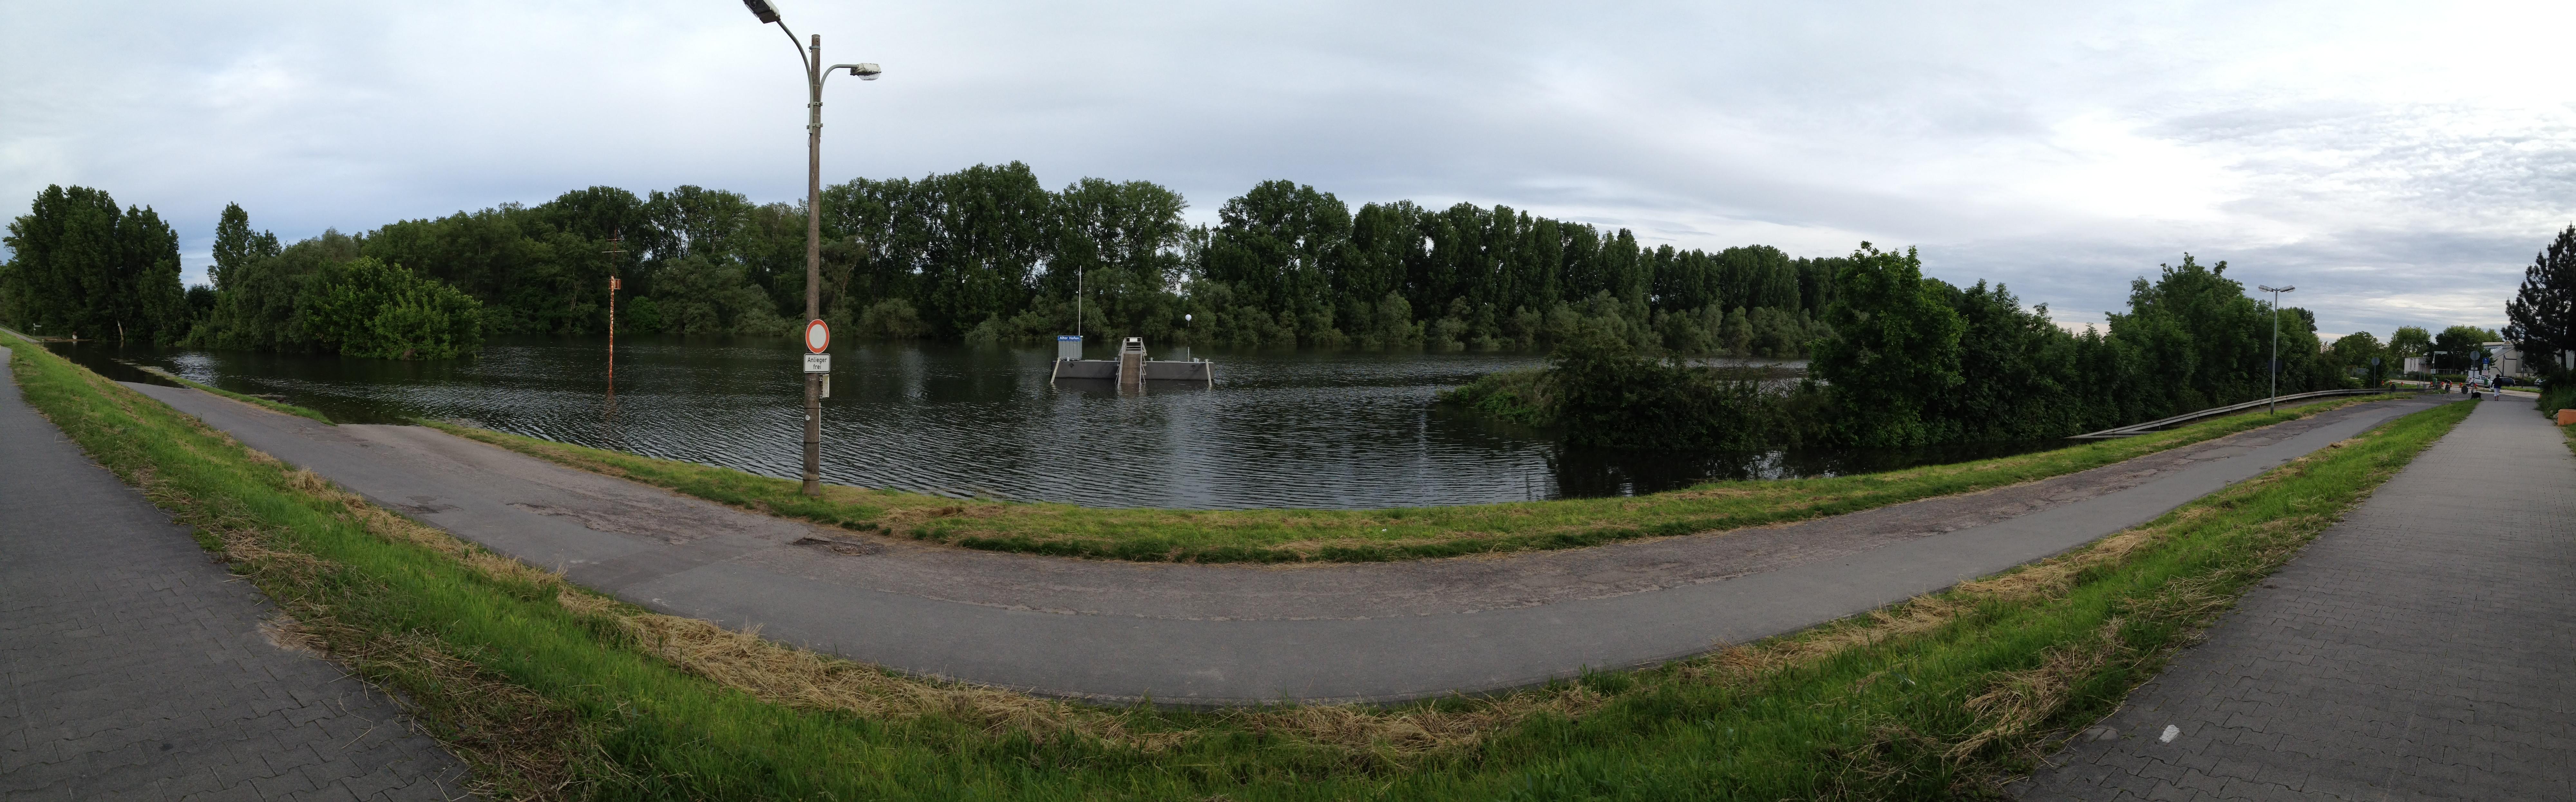 Panoramaaufnahme vom Hochwasser auf dem Biedensand in Lampertheim 2013